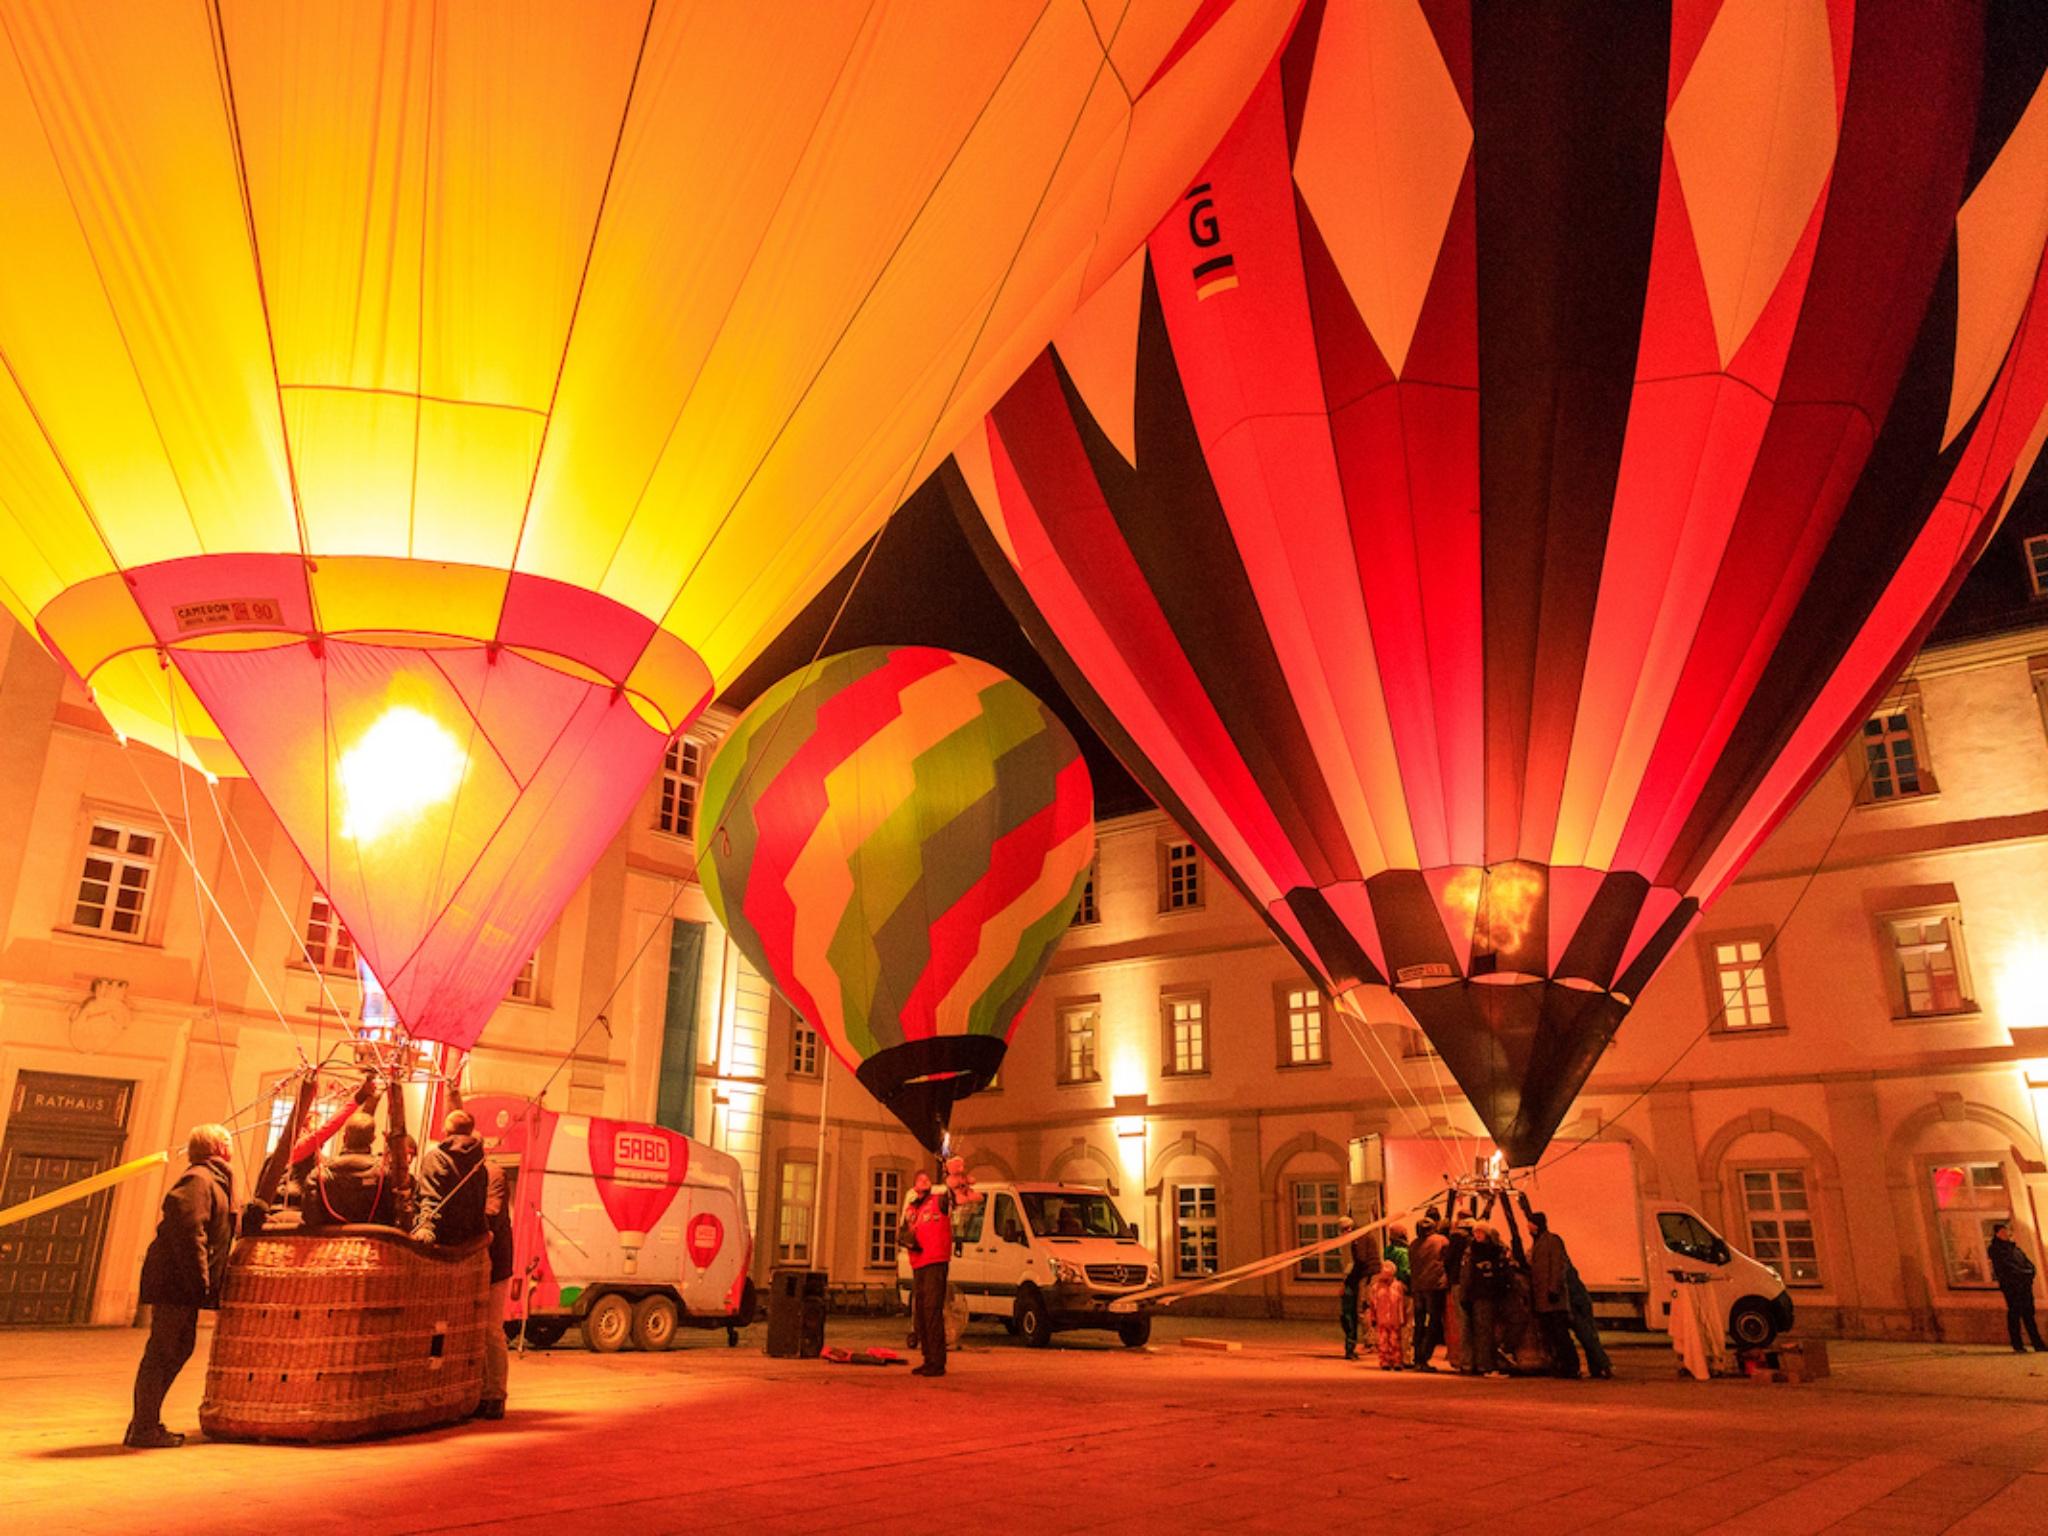 Ballonglühen im Rathausinnenhof. Foto: Würzburg, macht Spaß